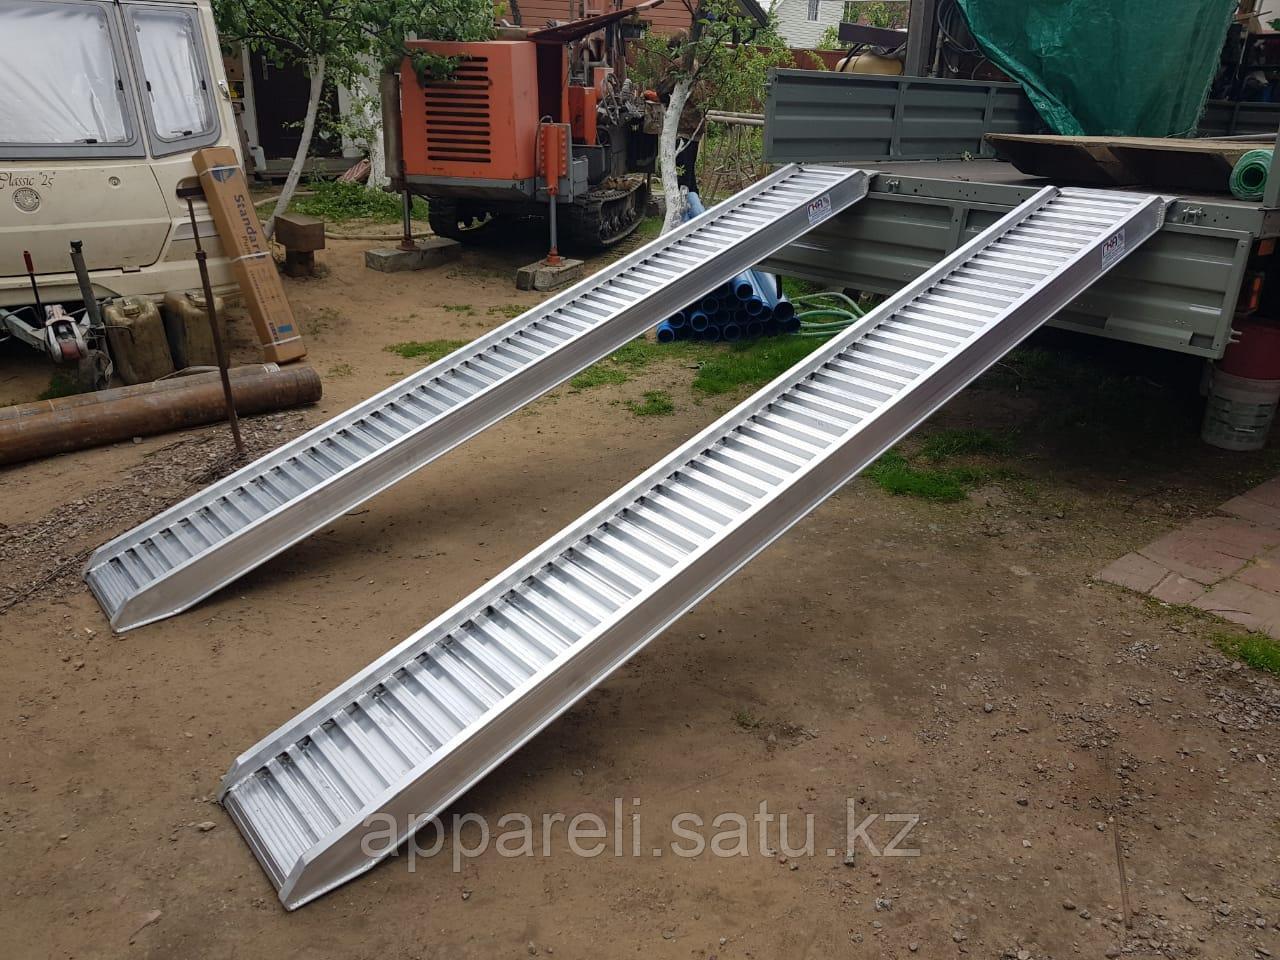 Сходни для заезда 5200 кг, производство